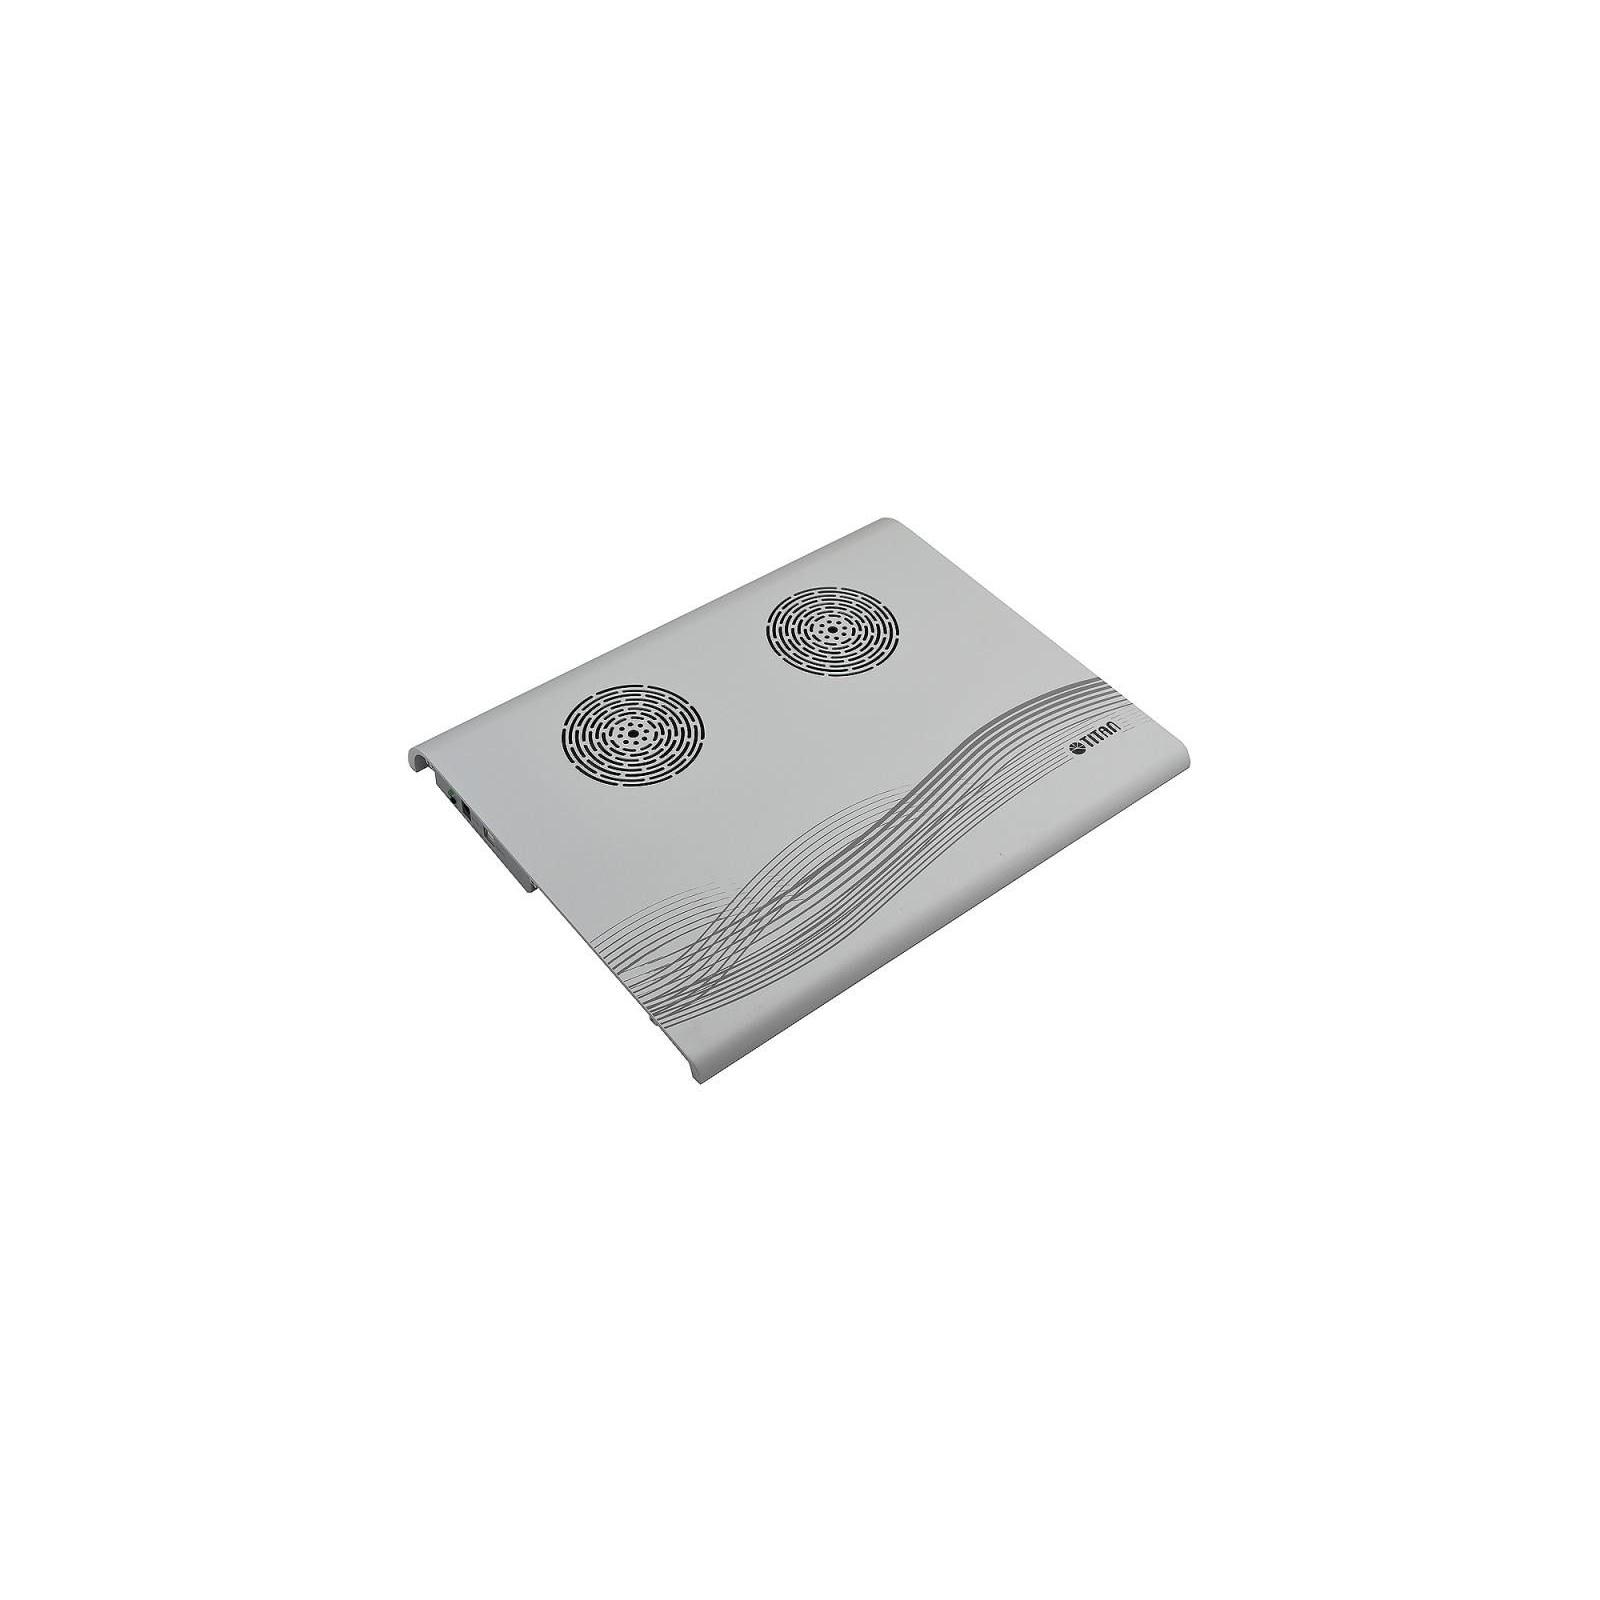 Подставка для ноутбука TITAN TTC-G3TZ/SB (TTC-G3 TZ/SB)